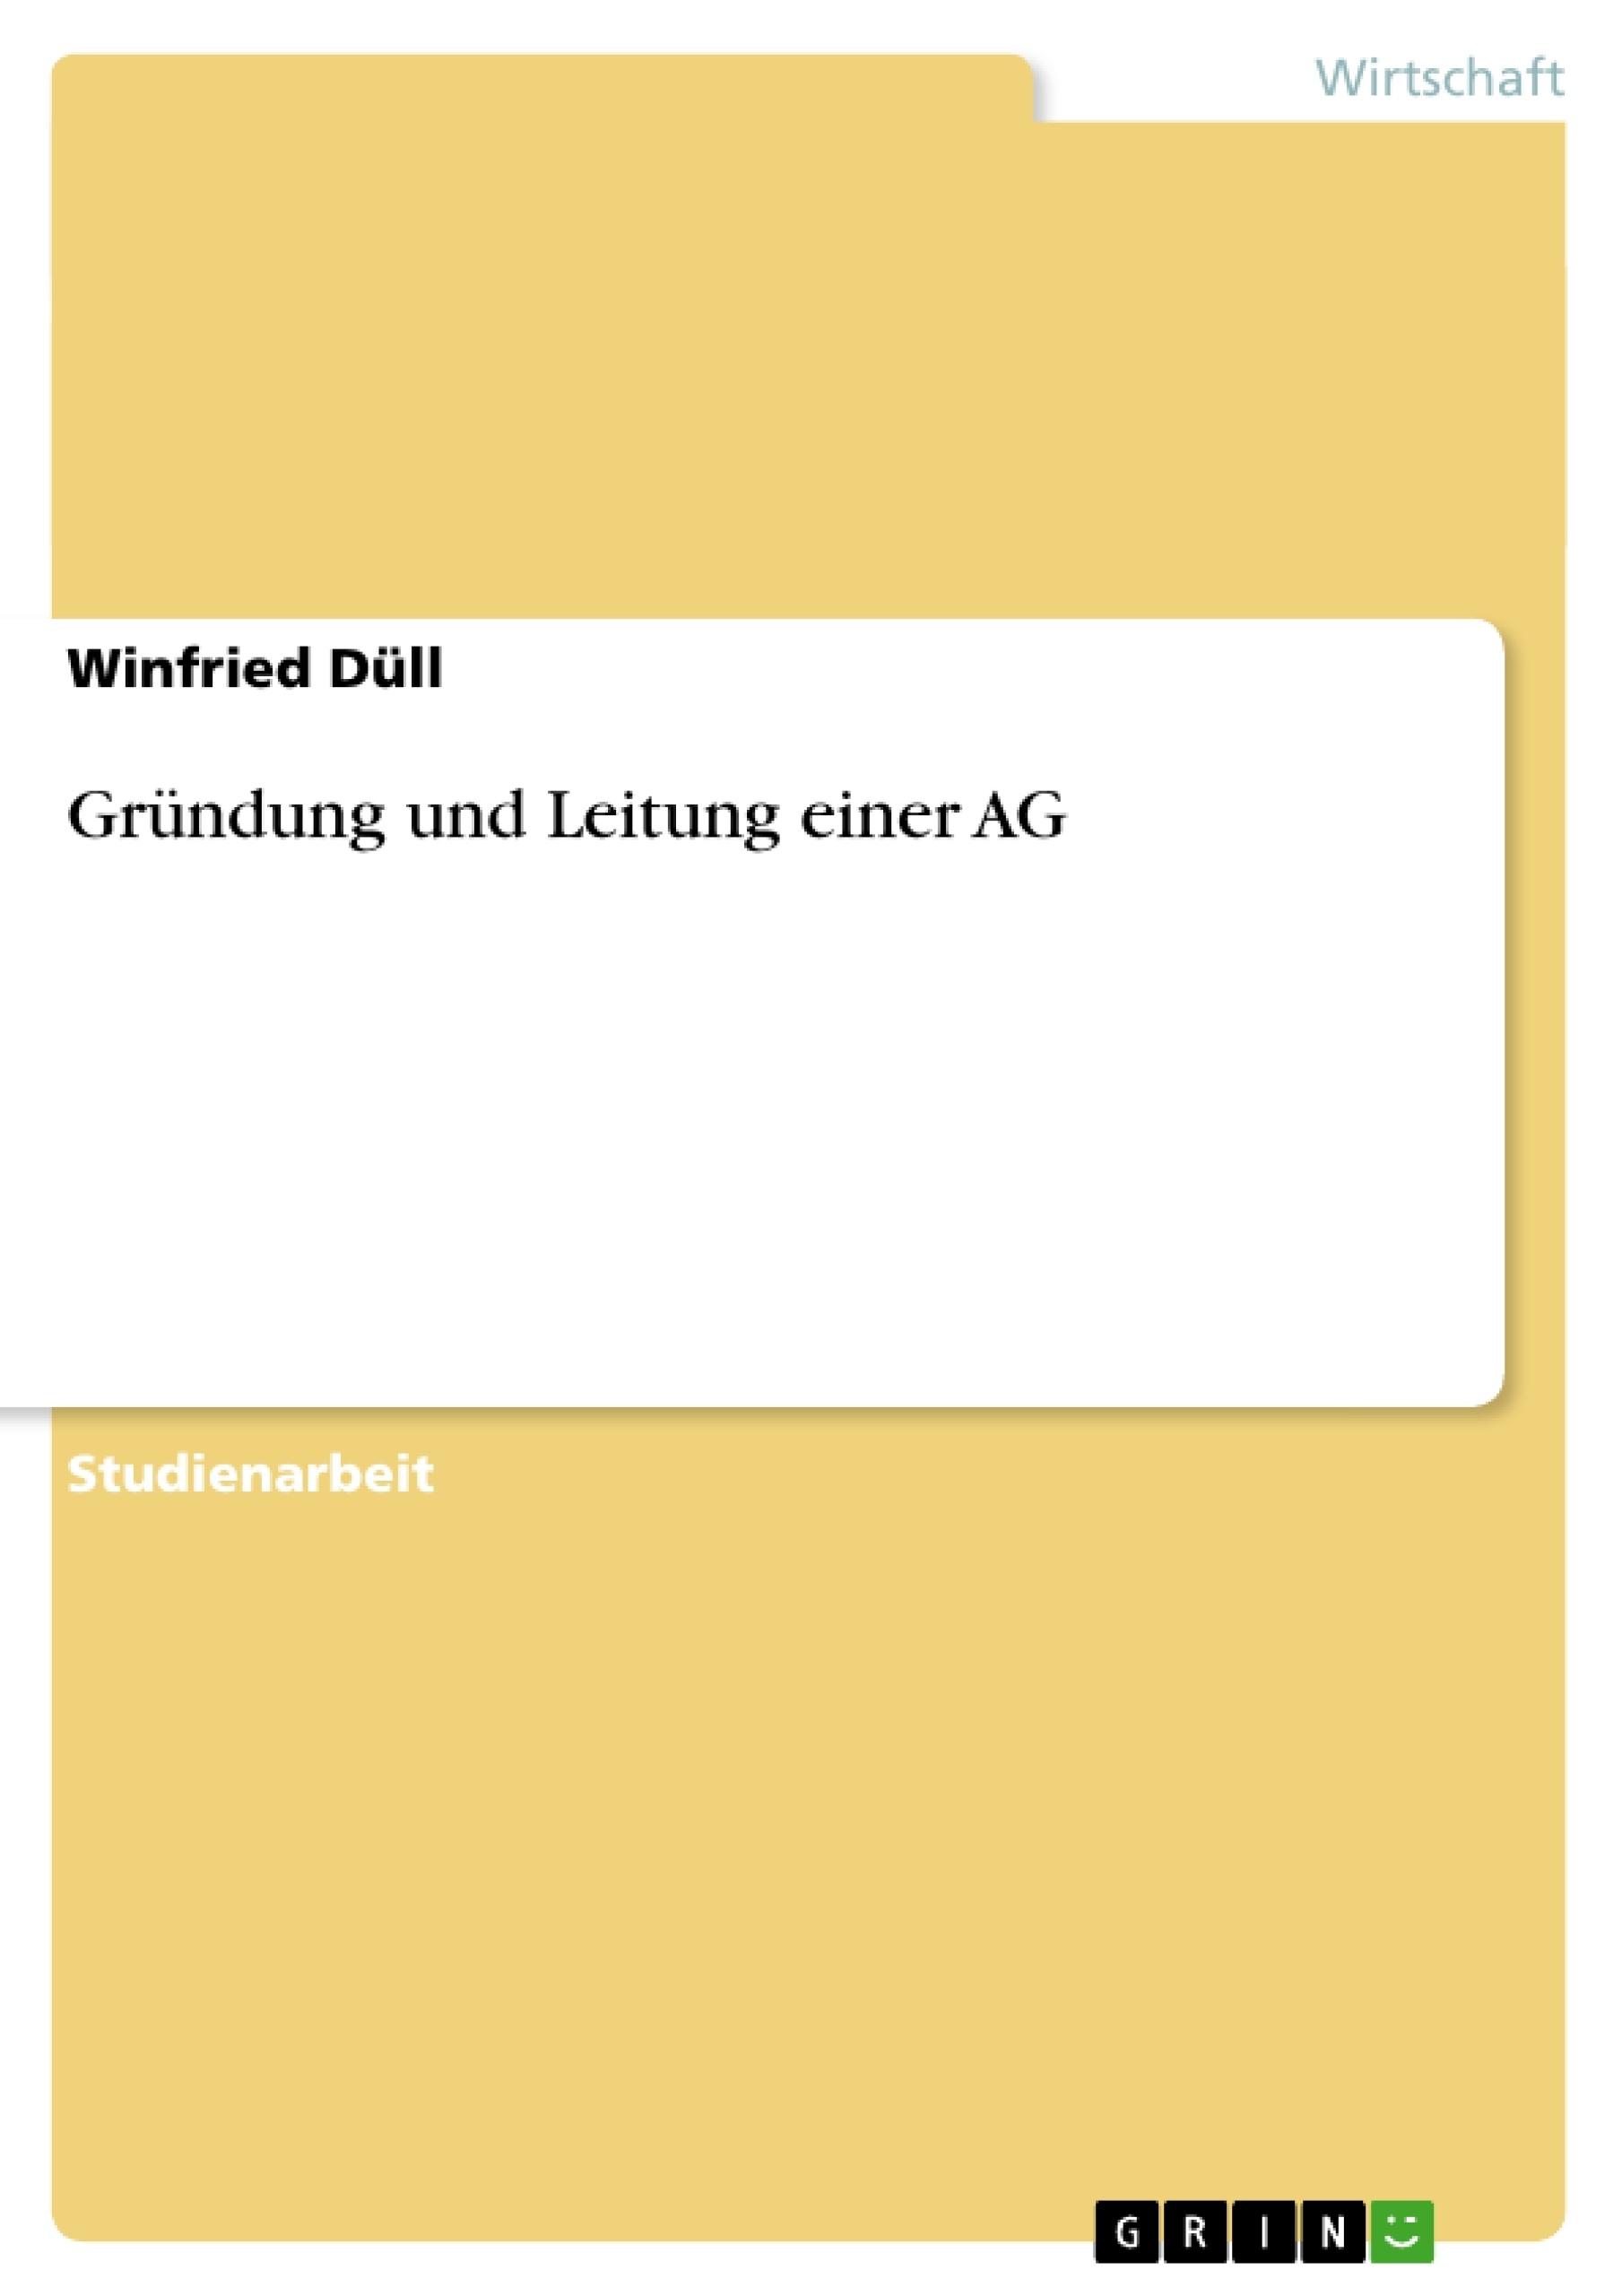 Gründung und Leitung einer AG   Masterarbeit, Hausarbeit ...